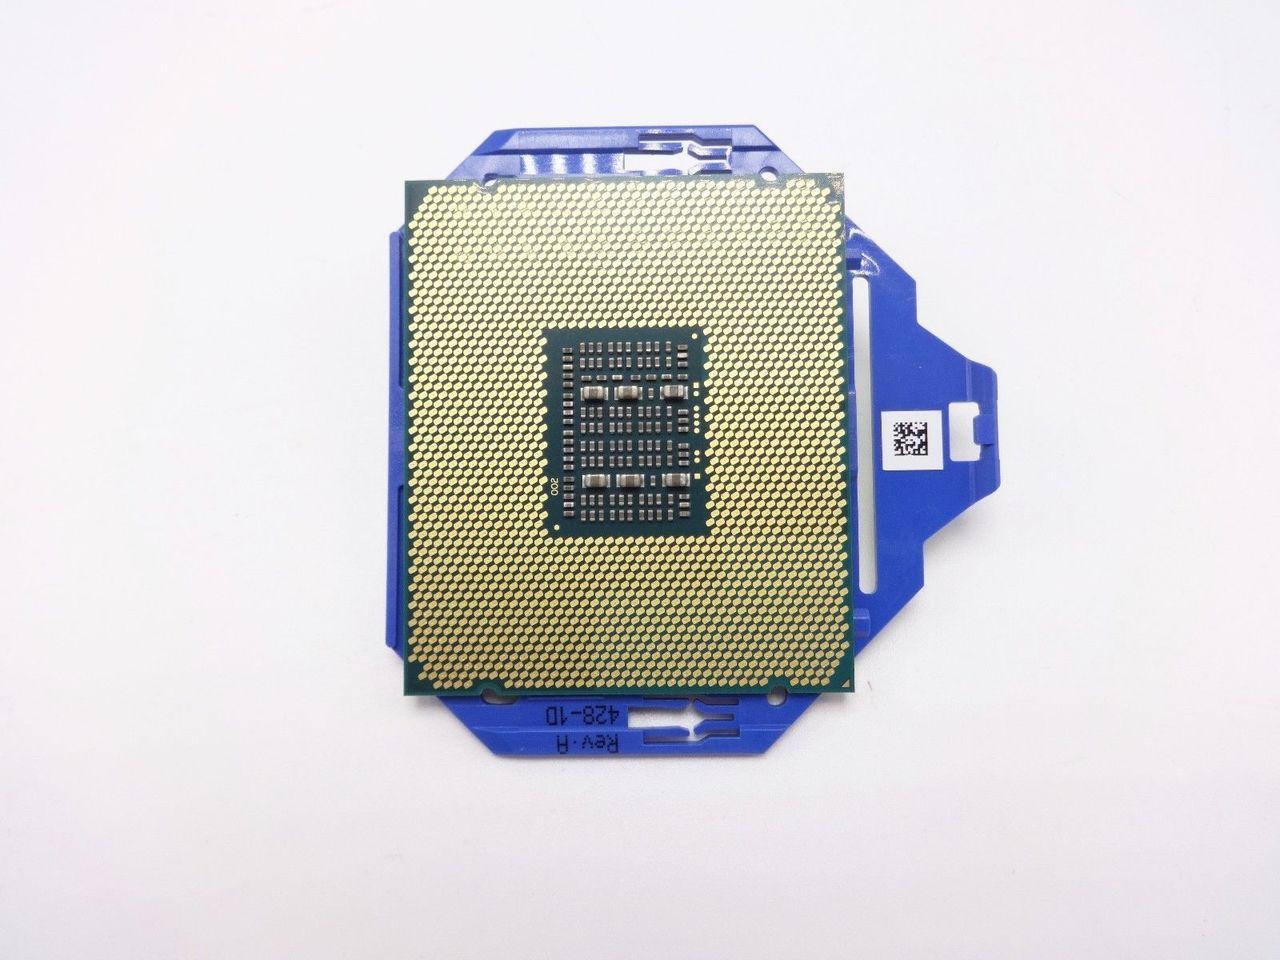 INTEL SR1GT XEON E7-8857V2 3.0GHZ 12Core processor